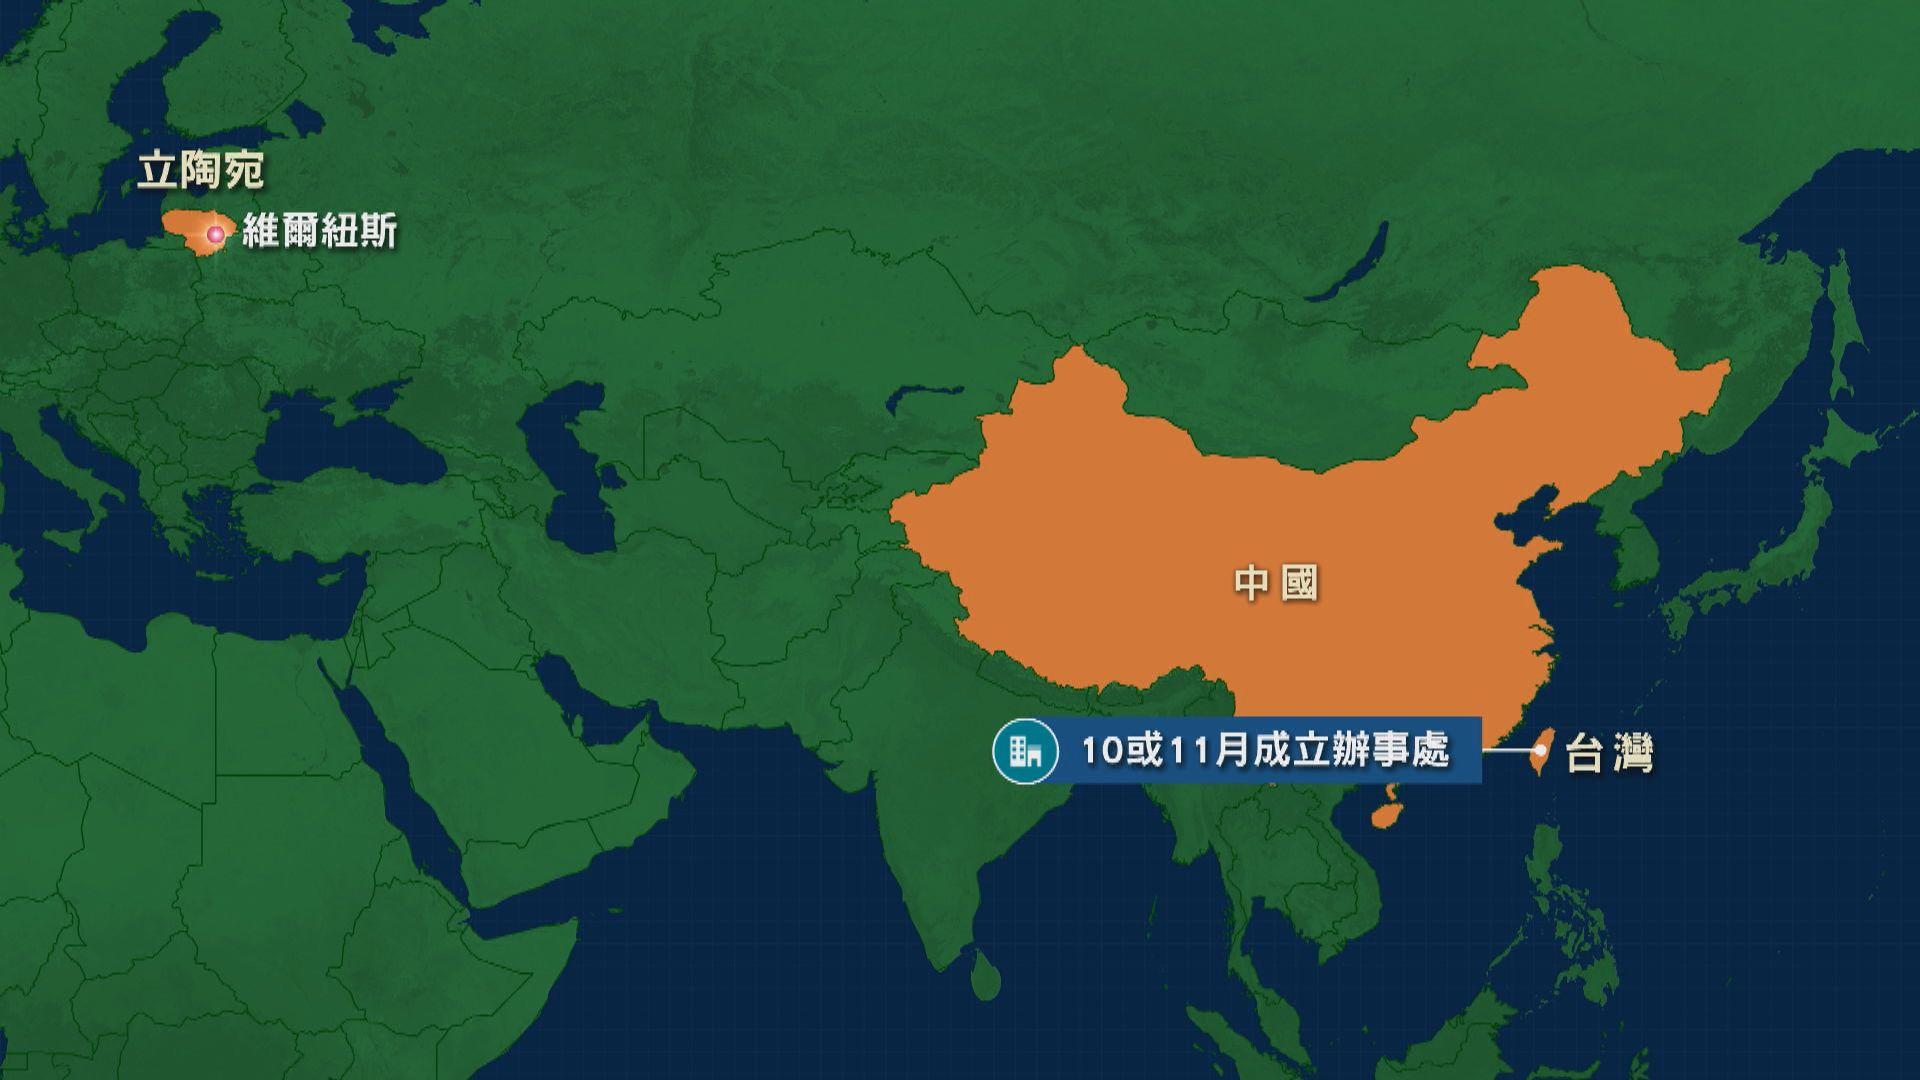 台灣將設駐立陶宛代表處 北京早指反對邦交國與台互設代表處